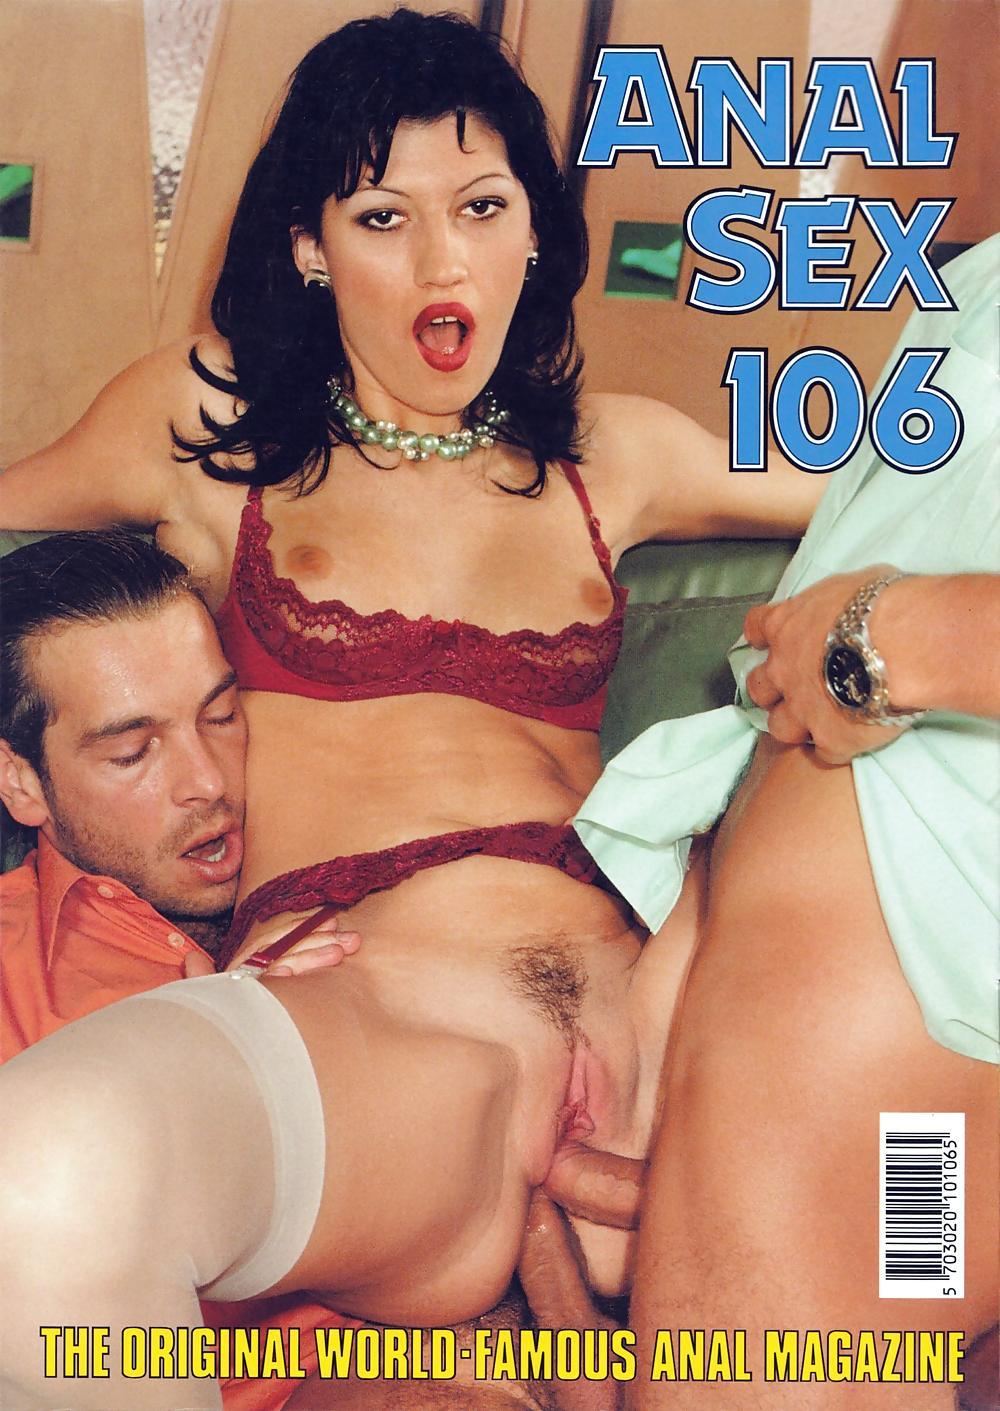 Anal Sex No.106 - Porn Mag #3369341